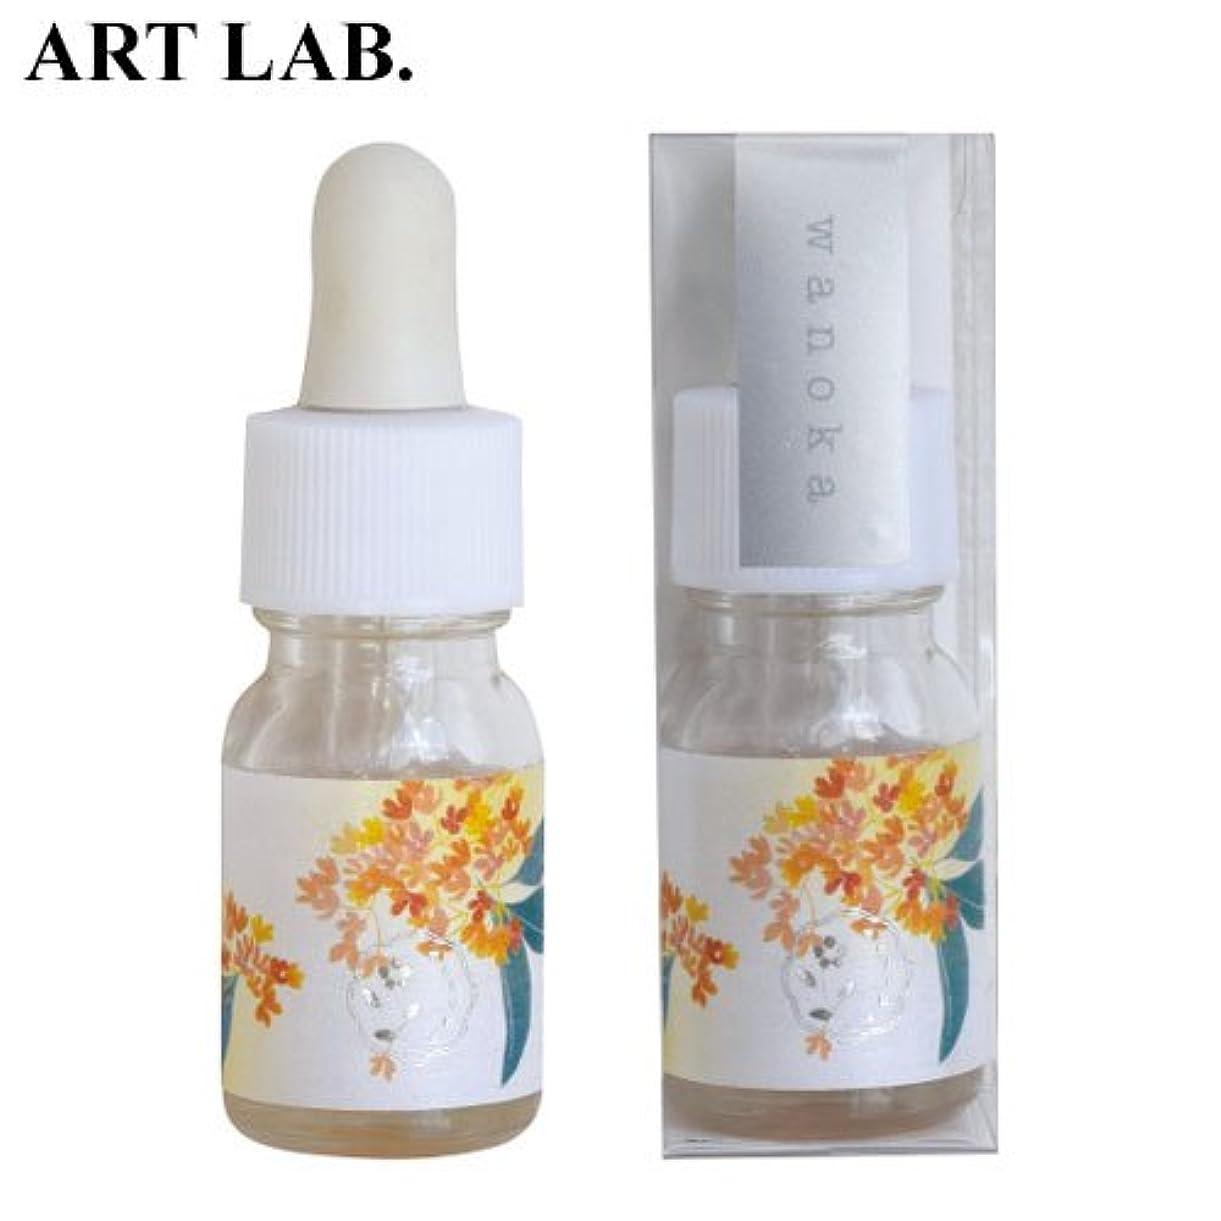 方法旅行者始まりwanoka香油アロマオイル金木犀《果実のような甘い香り》ART LABAromatic oil